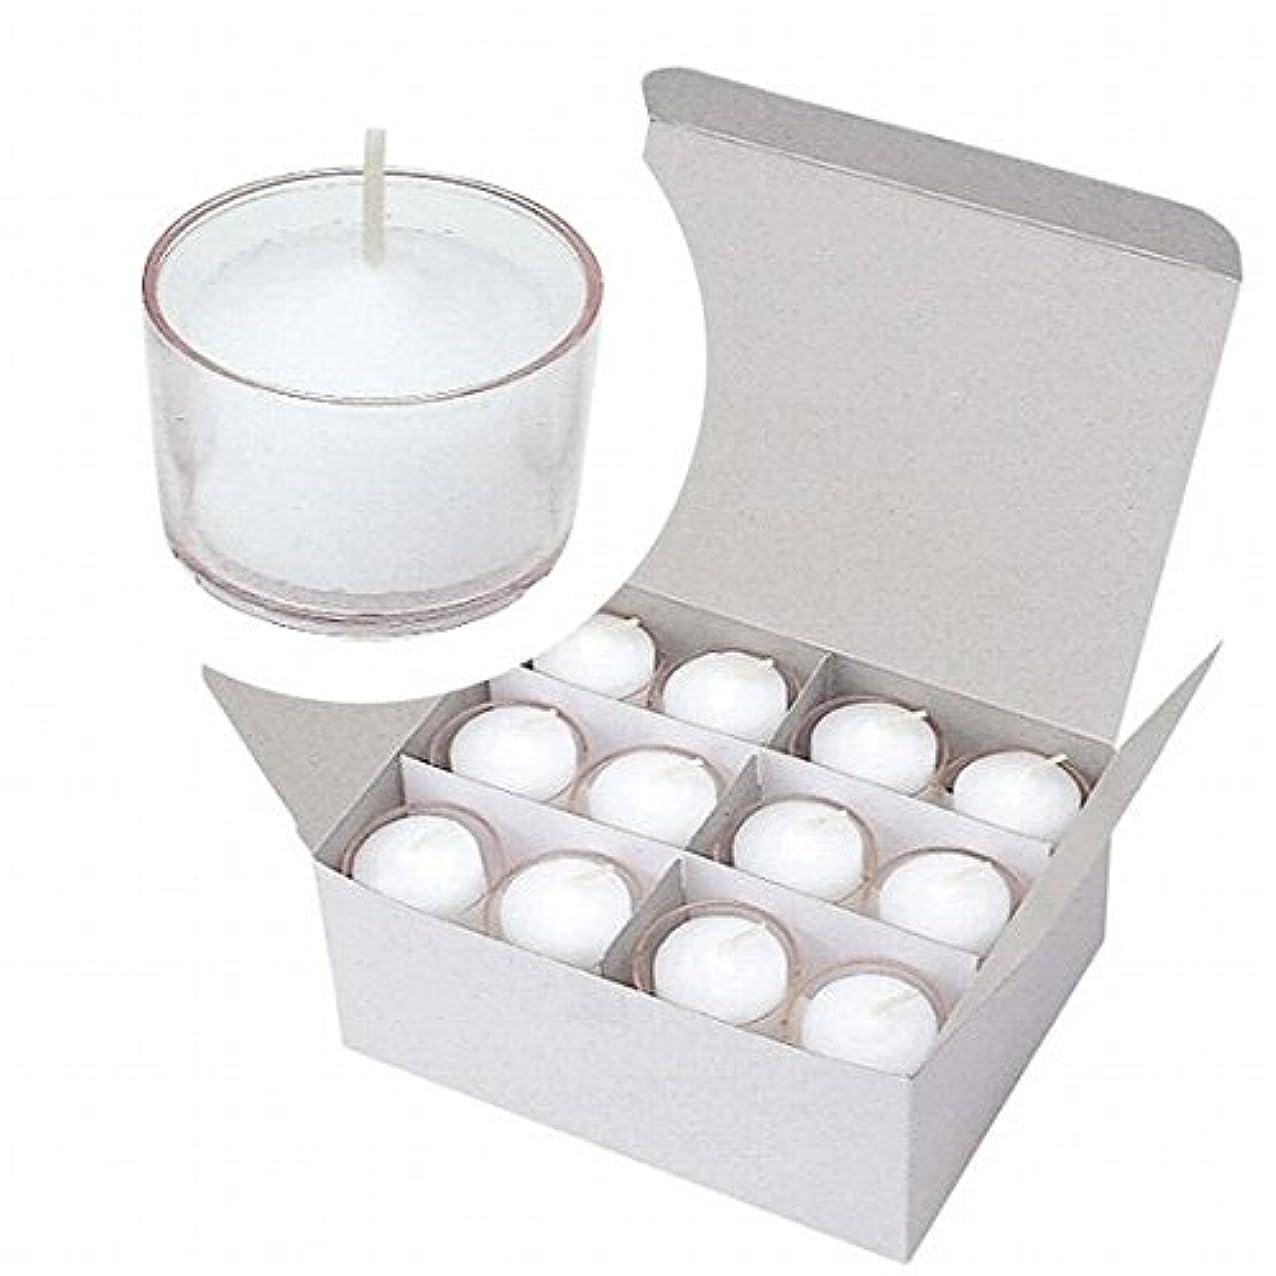 控える受け入れる夜明けにカメヤマキャンドル(kameyama candle) クリアカップボーティブ4時間タイプ 24個入り 「 クリア 」